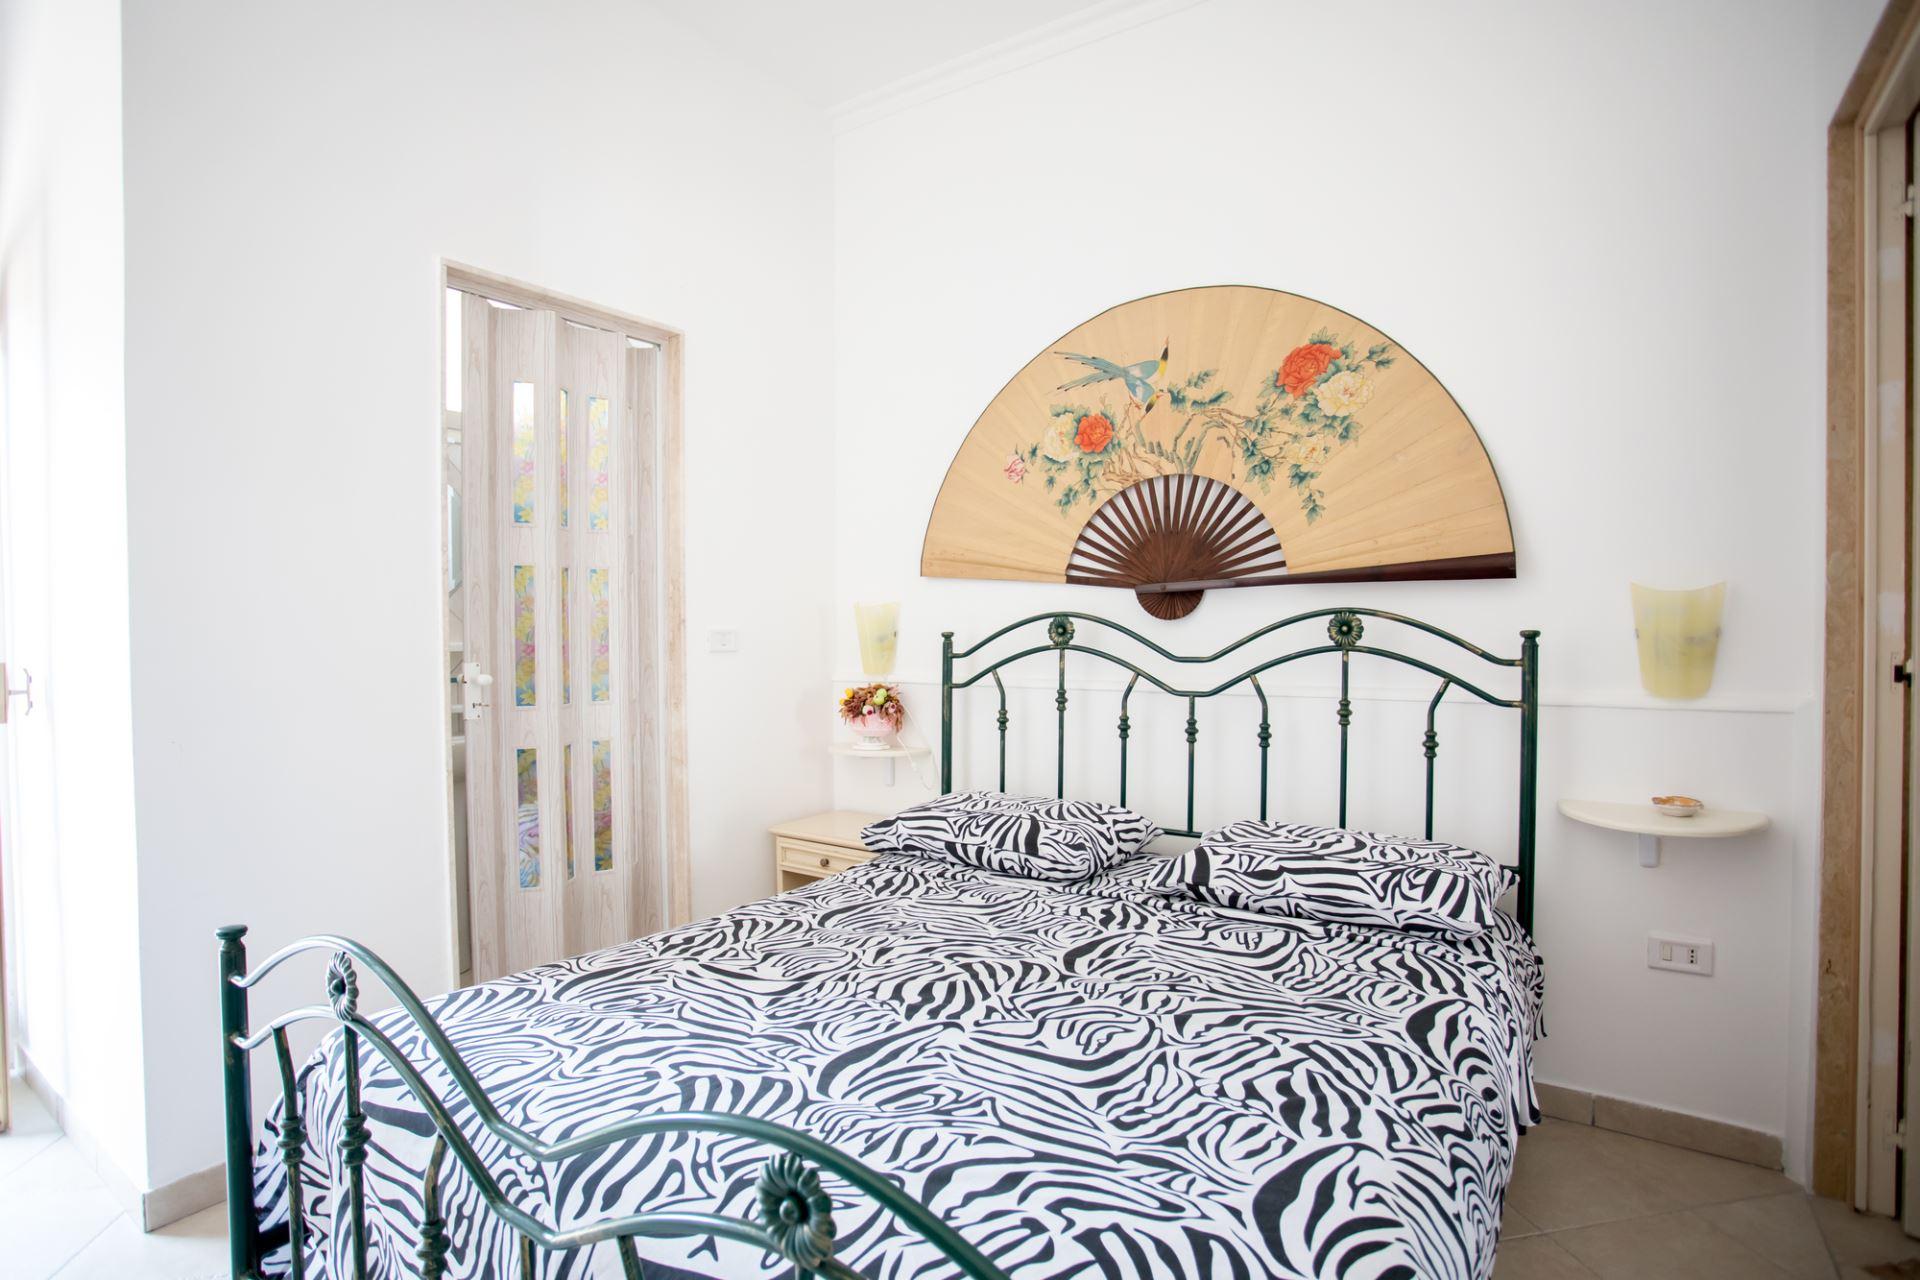 Bilocale Lemon, appartamento ristrutturato con cortile